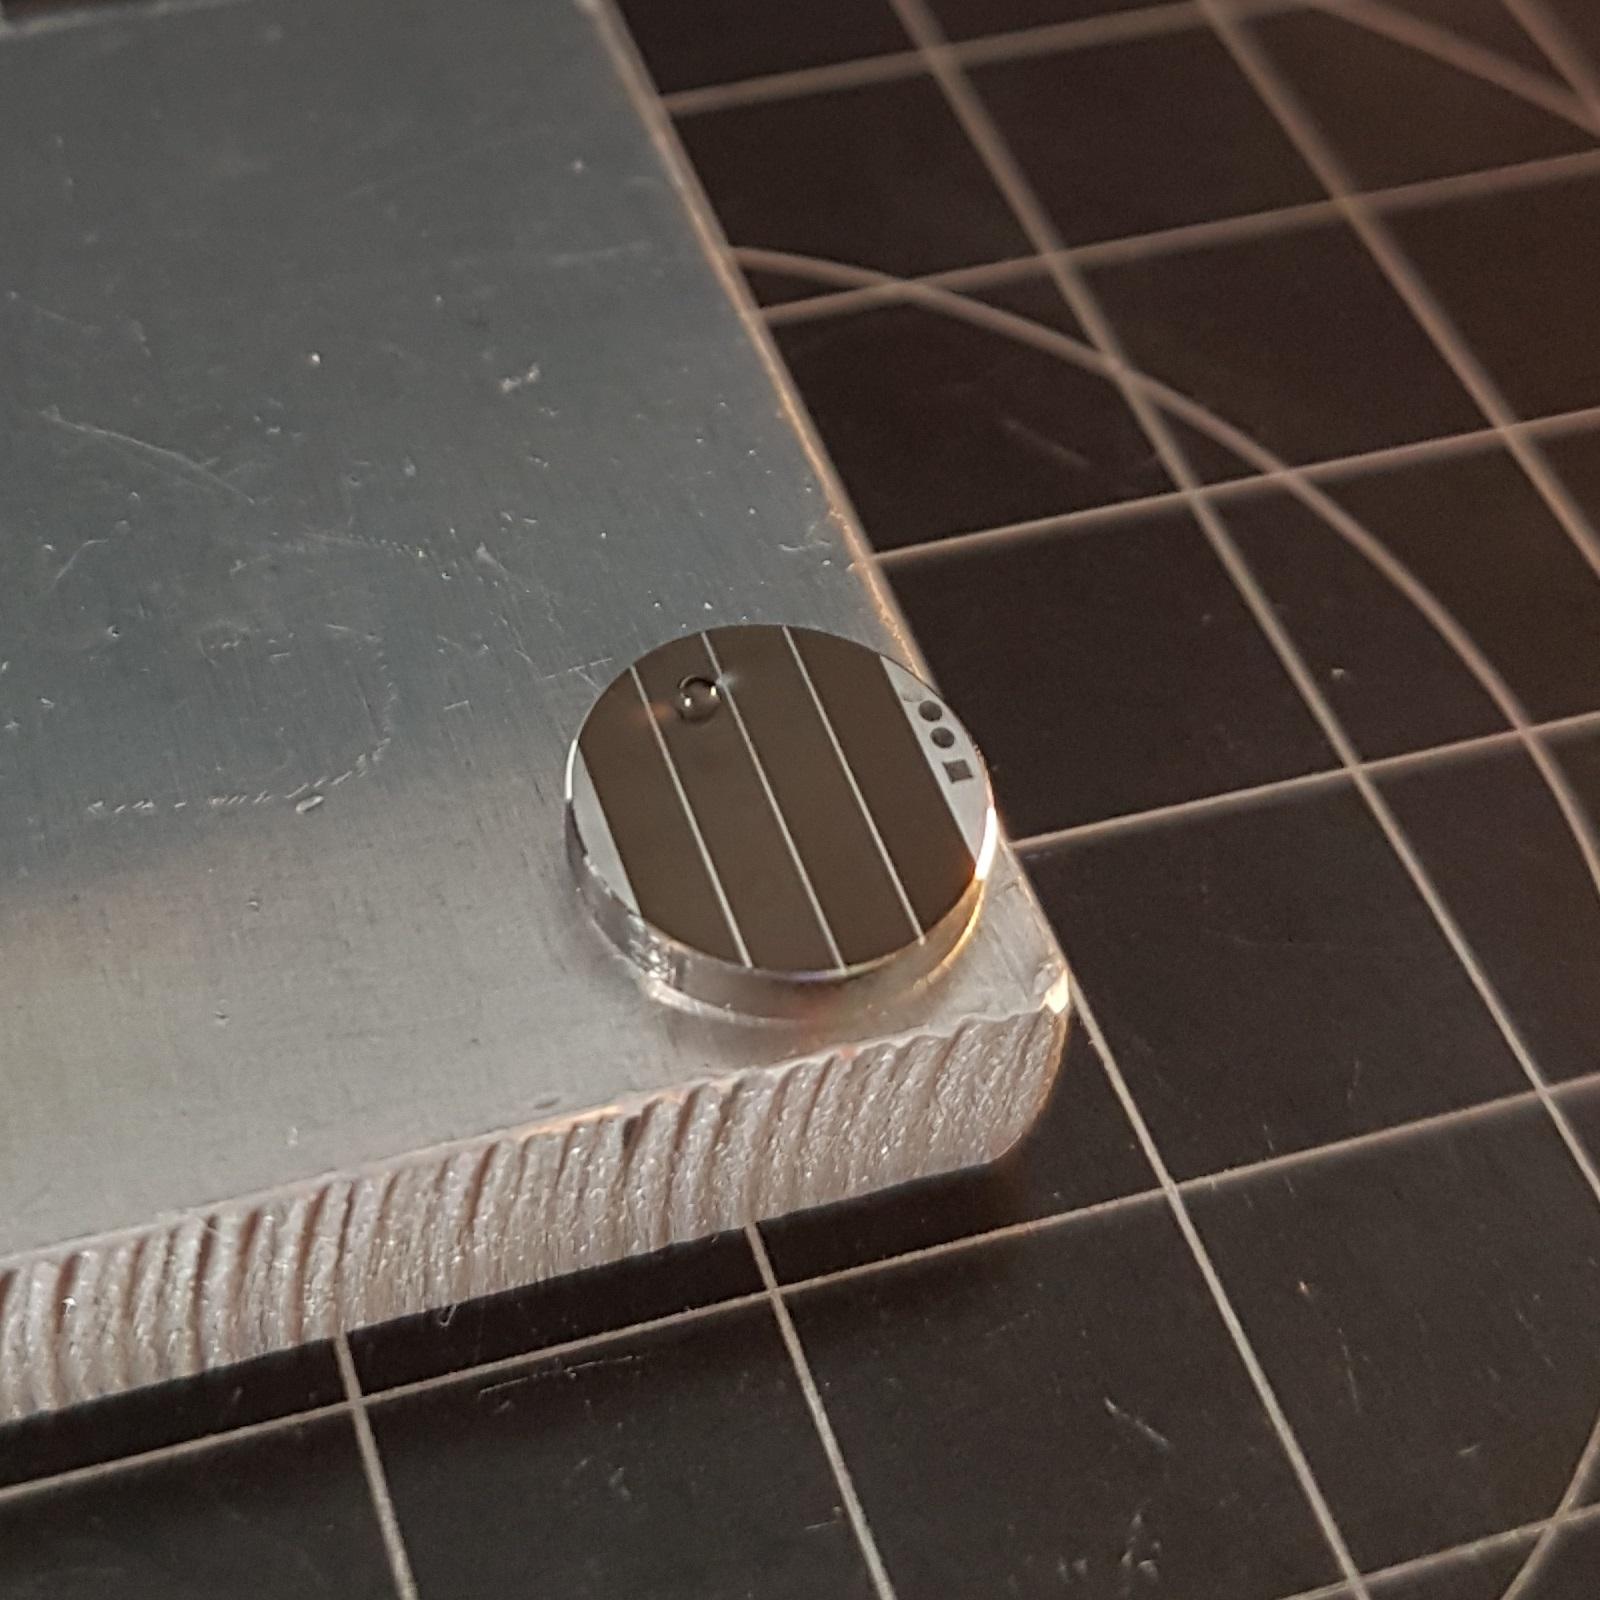 Wasserabweisender Effekt (Hydrophobie) der Oberfläche durch Oberflächentexturierung